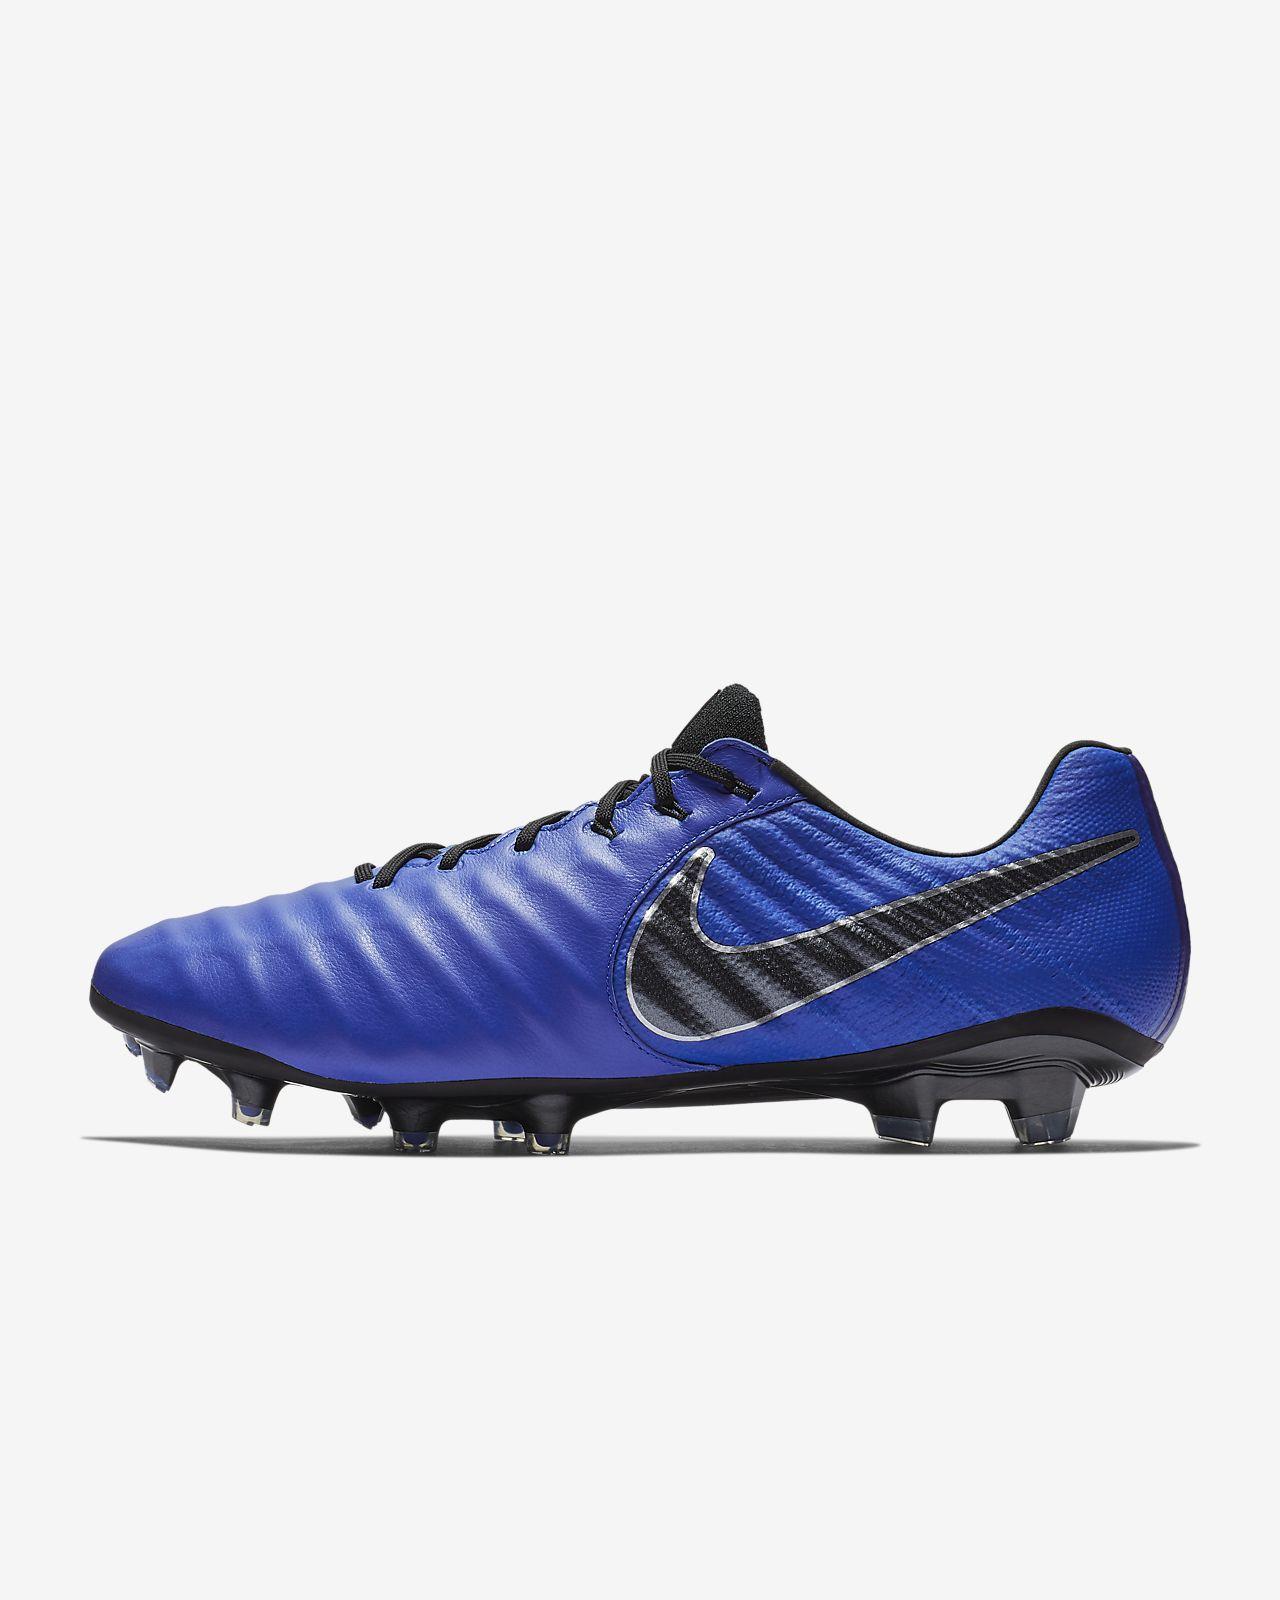 e4d785c42d6d3 Nike Legend 7 Elite FG Botas de fútbol para terreno firme. Nike.com ES